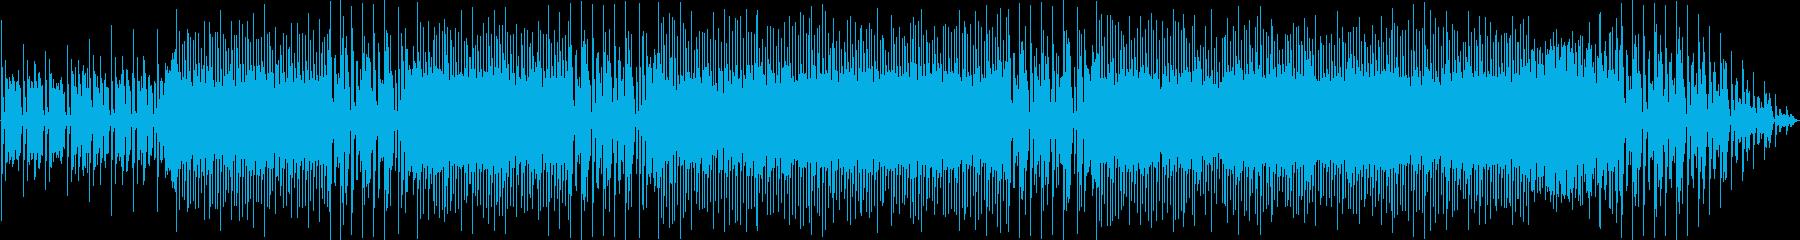 映像を邪魔しないクールなバンド系BGMの再生済みの波形